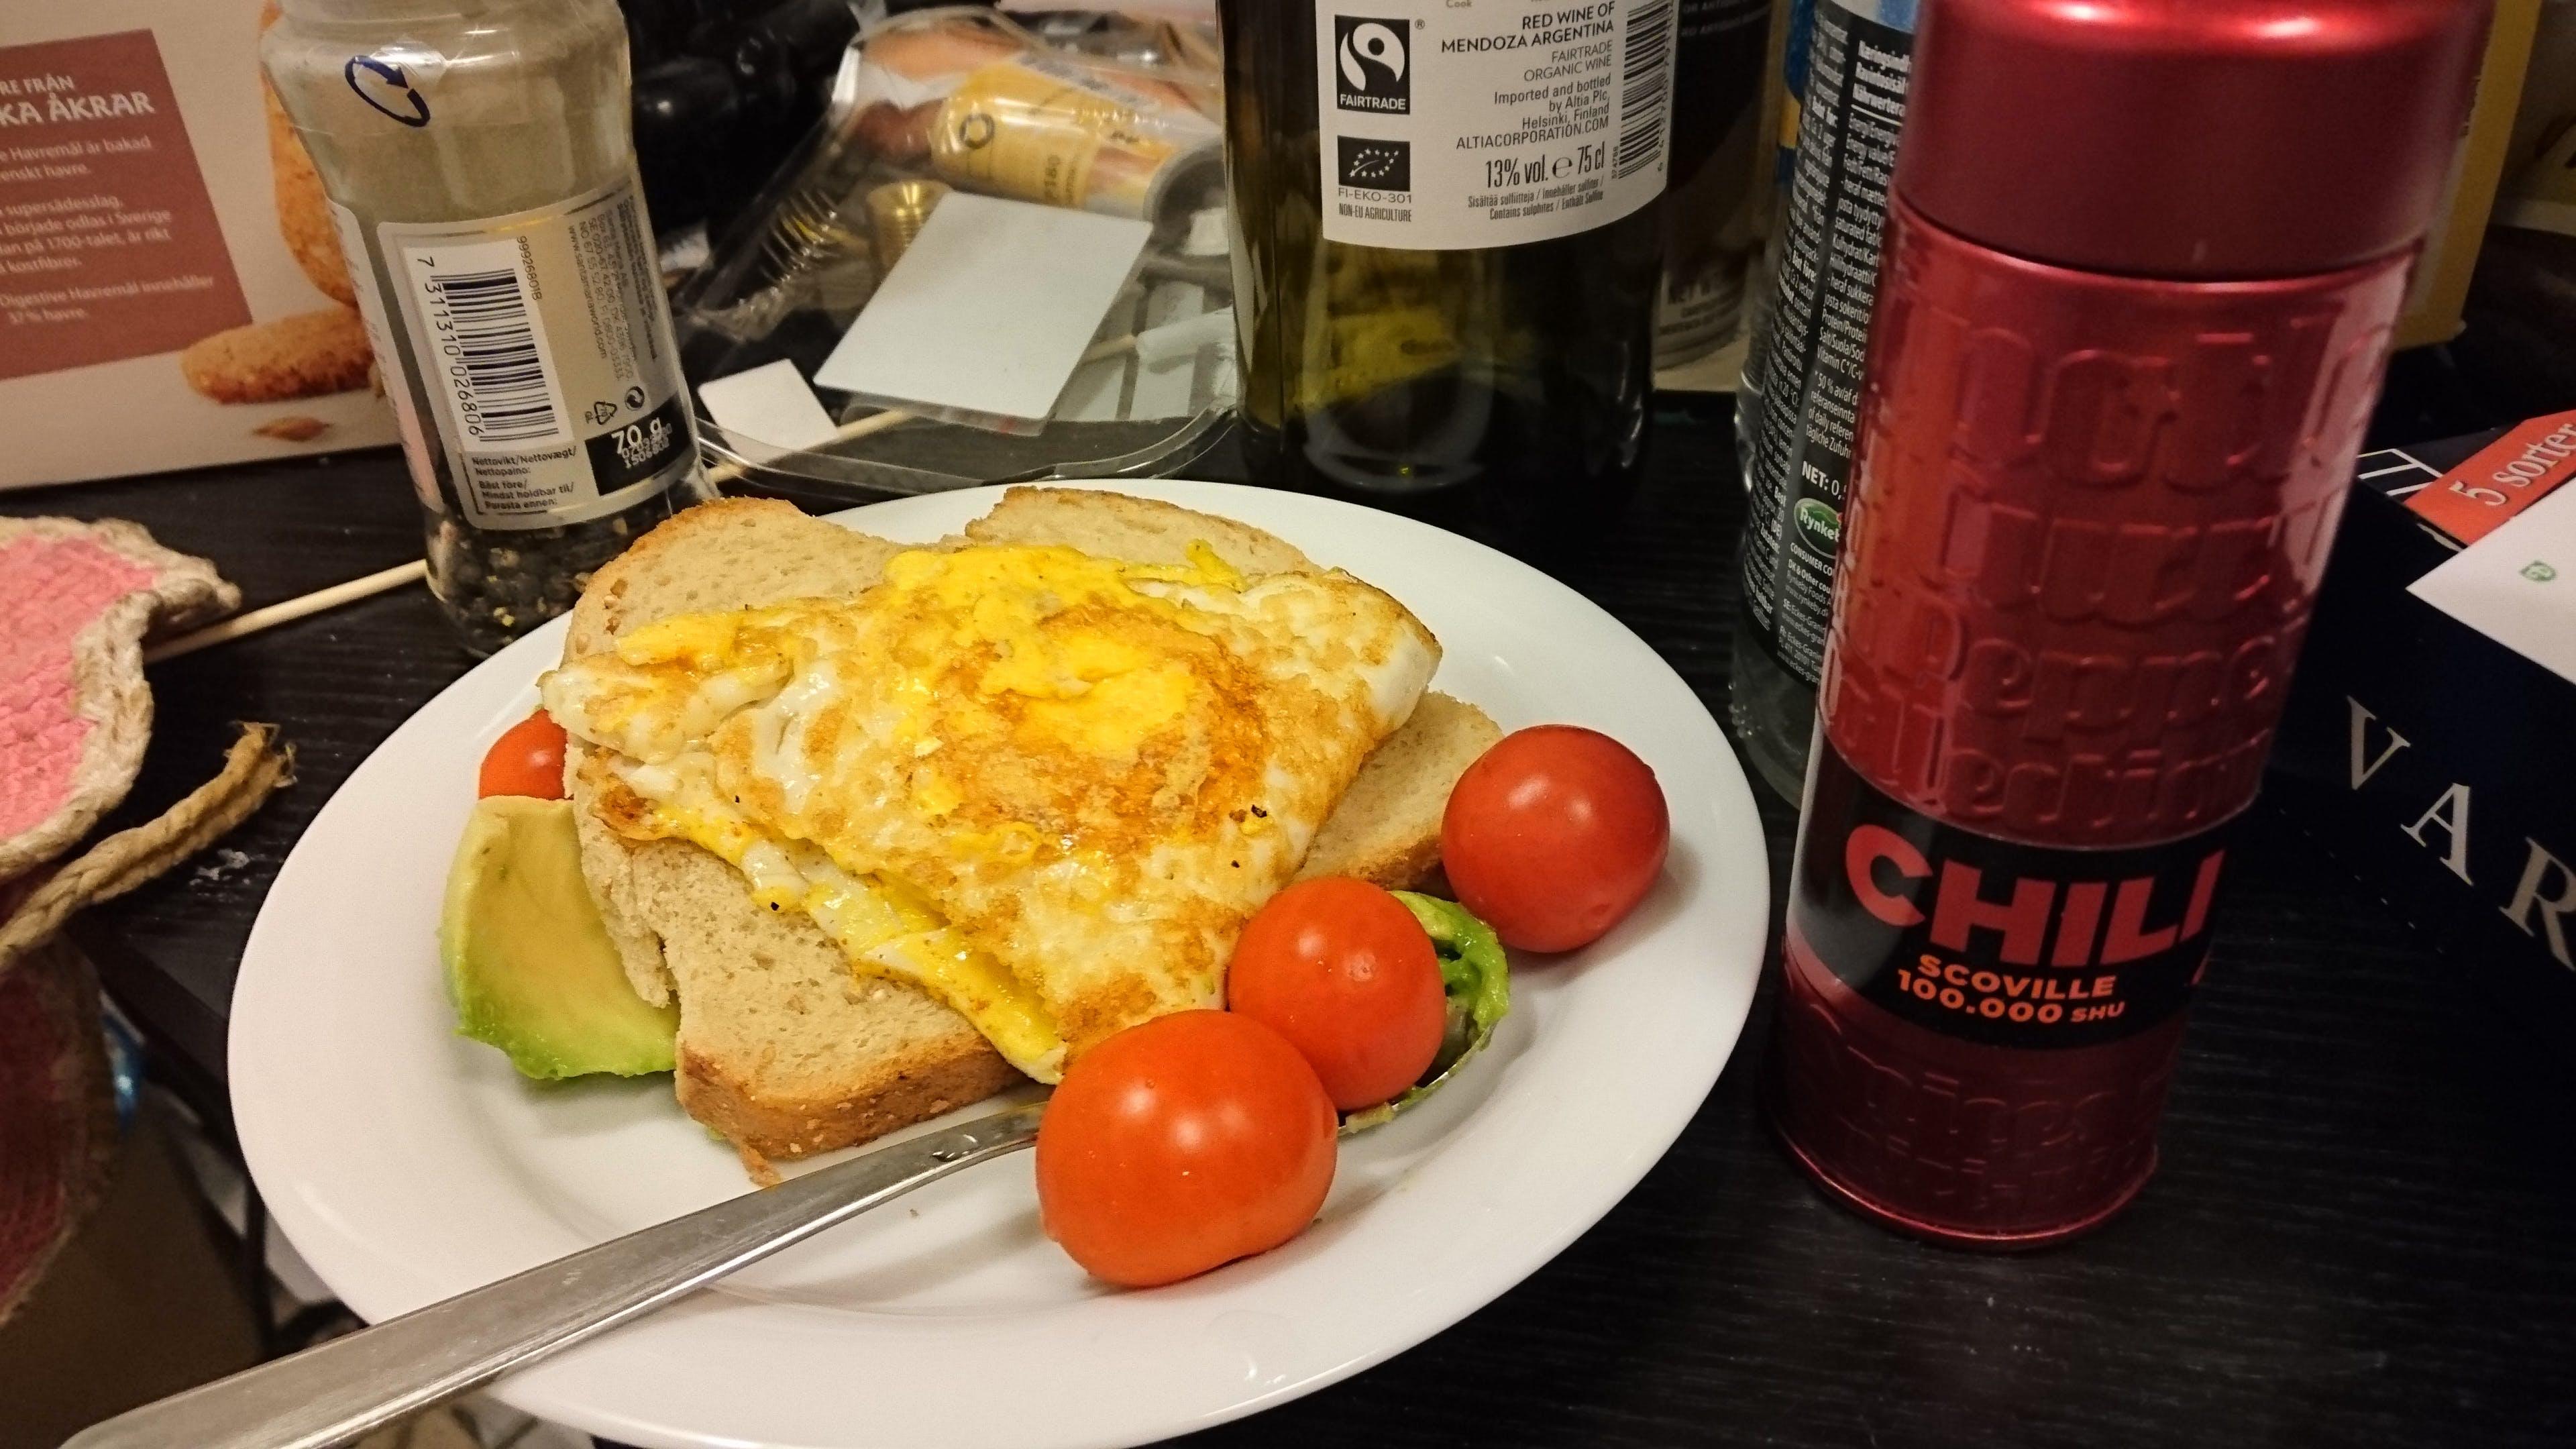 Free stock photo of egg, avocado, tomato, chili